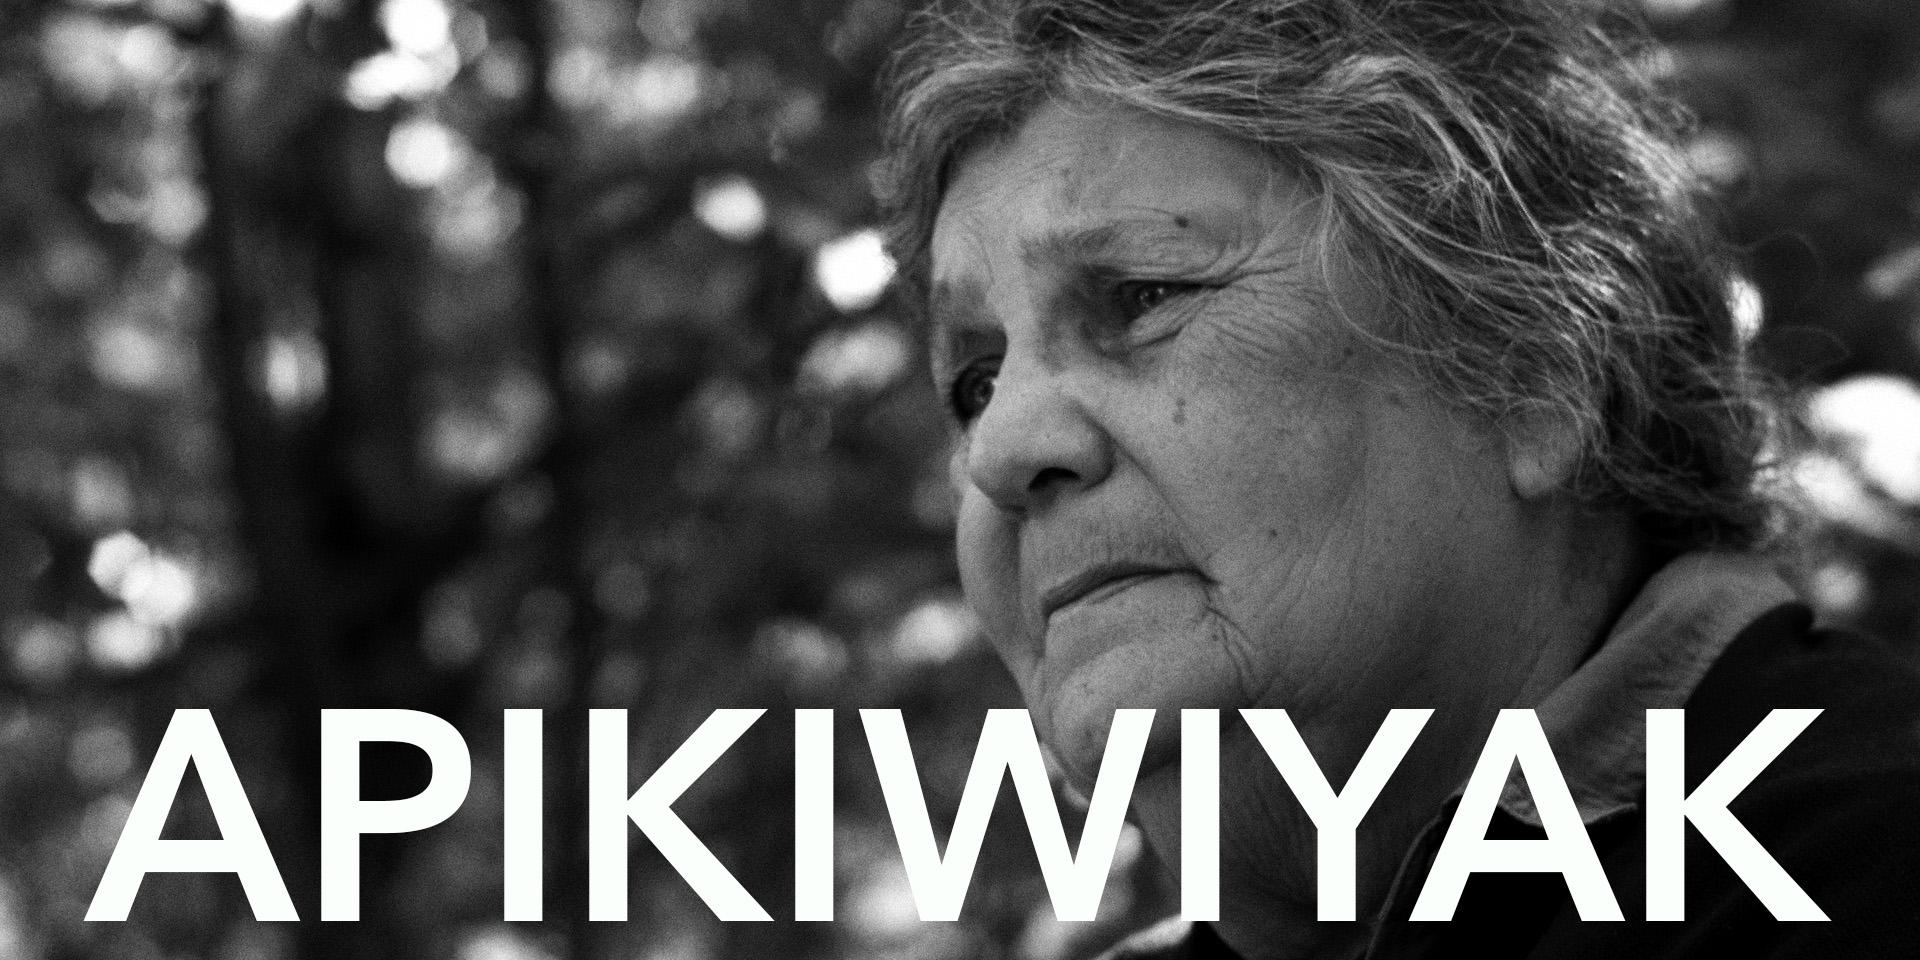 apikiwiyak-poster1